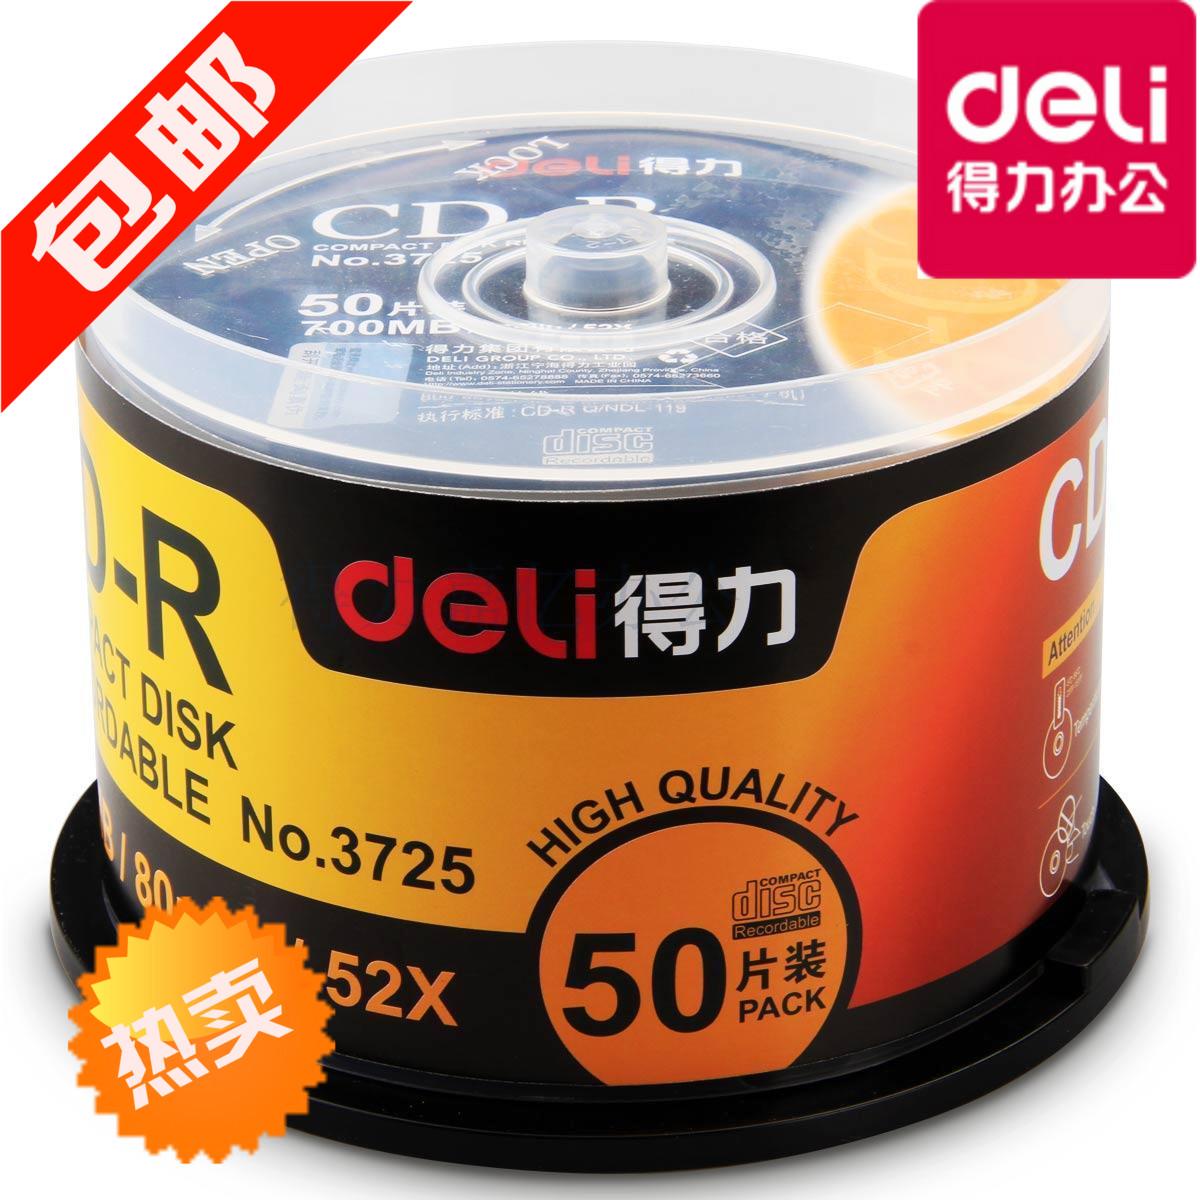 得力3725刻录盘光盘52X CD-R50片装700MB80min空白光盘光碟片包邮